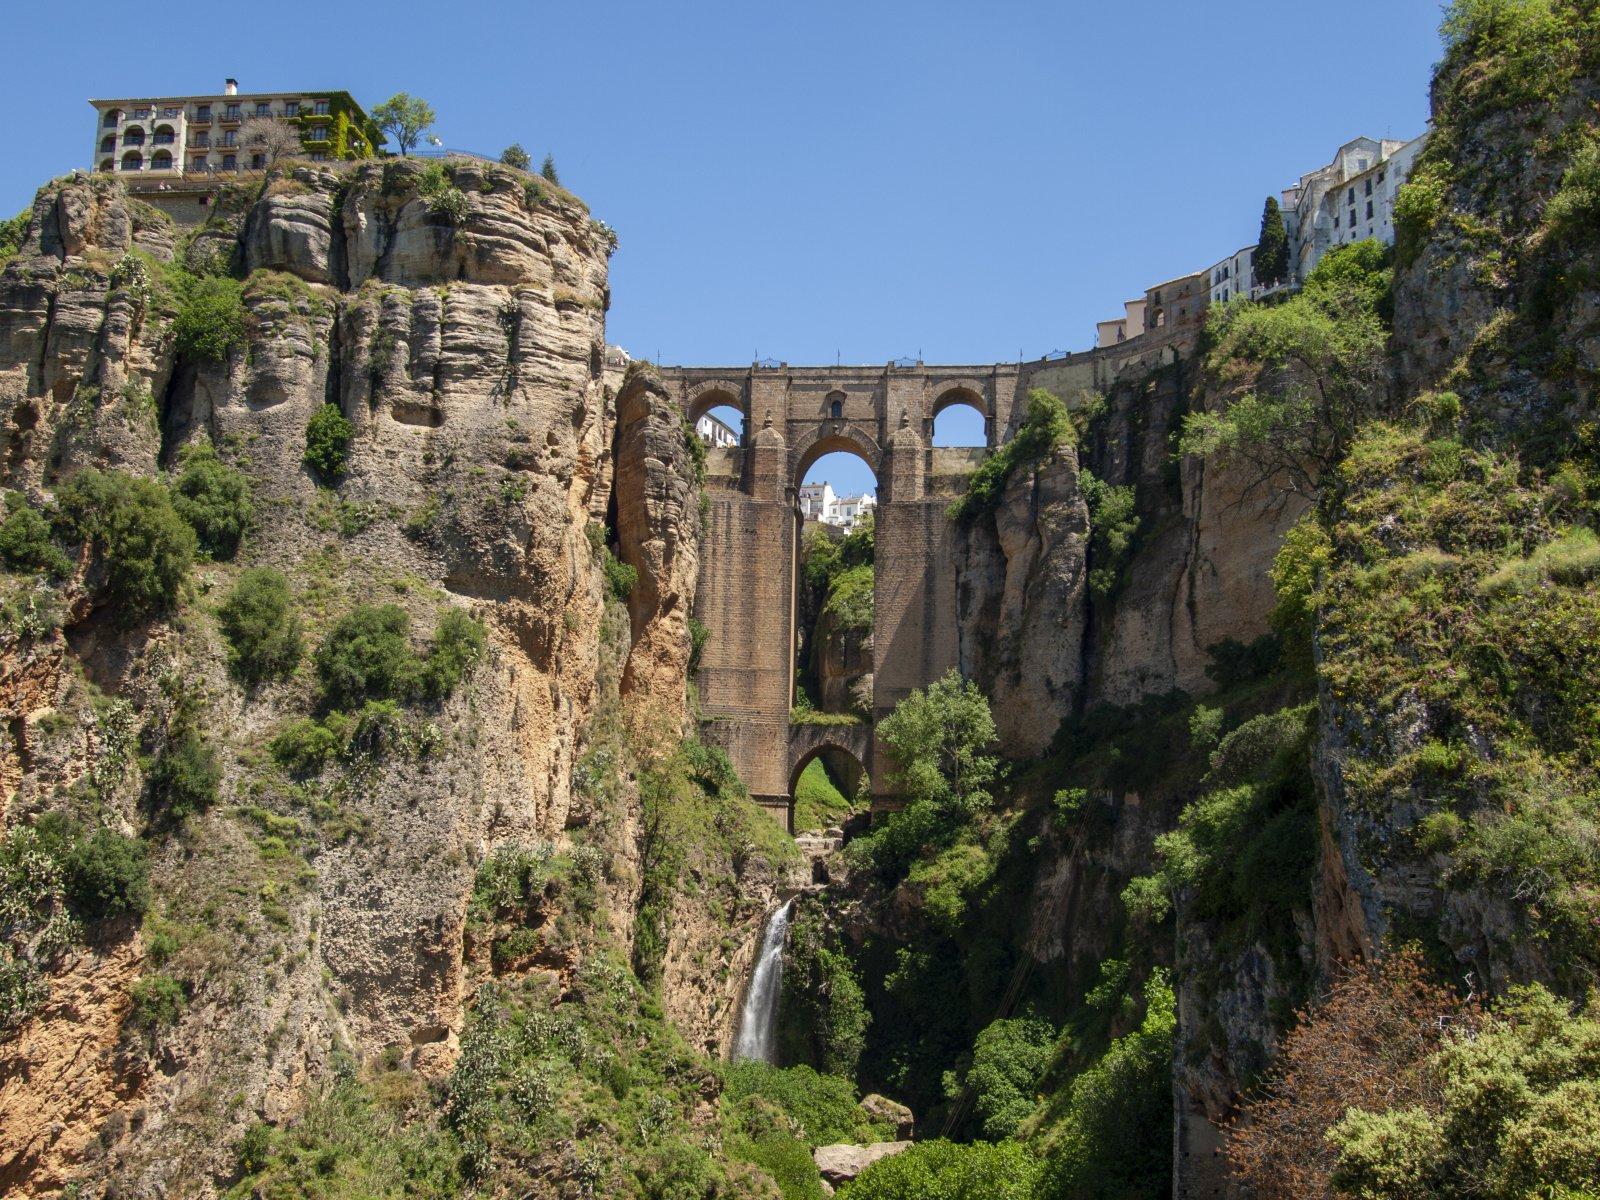 Puente Nuevo at Ronda, Spain